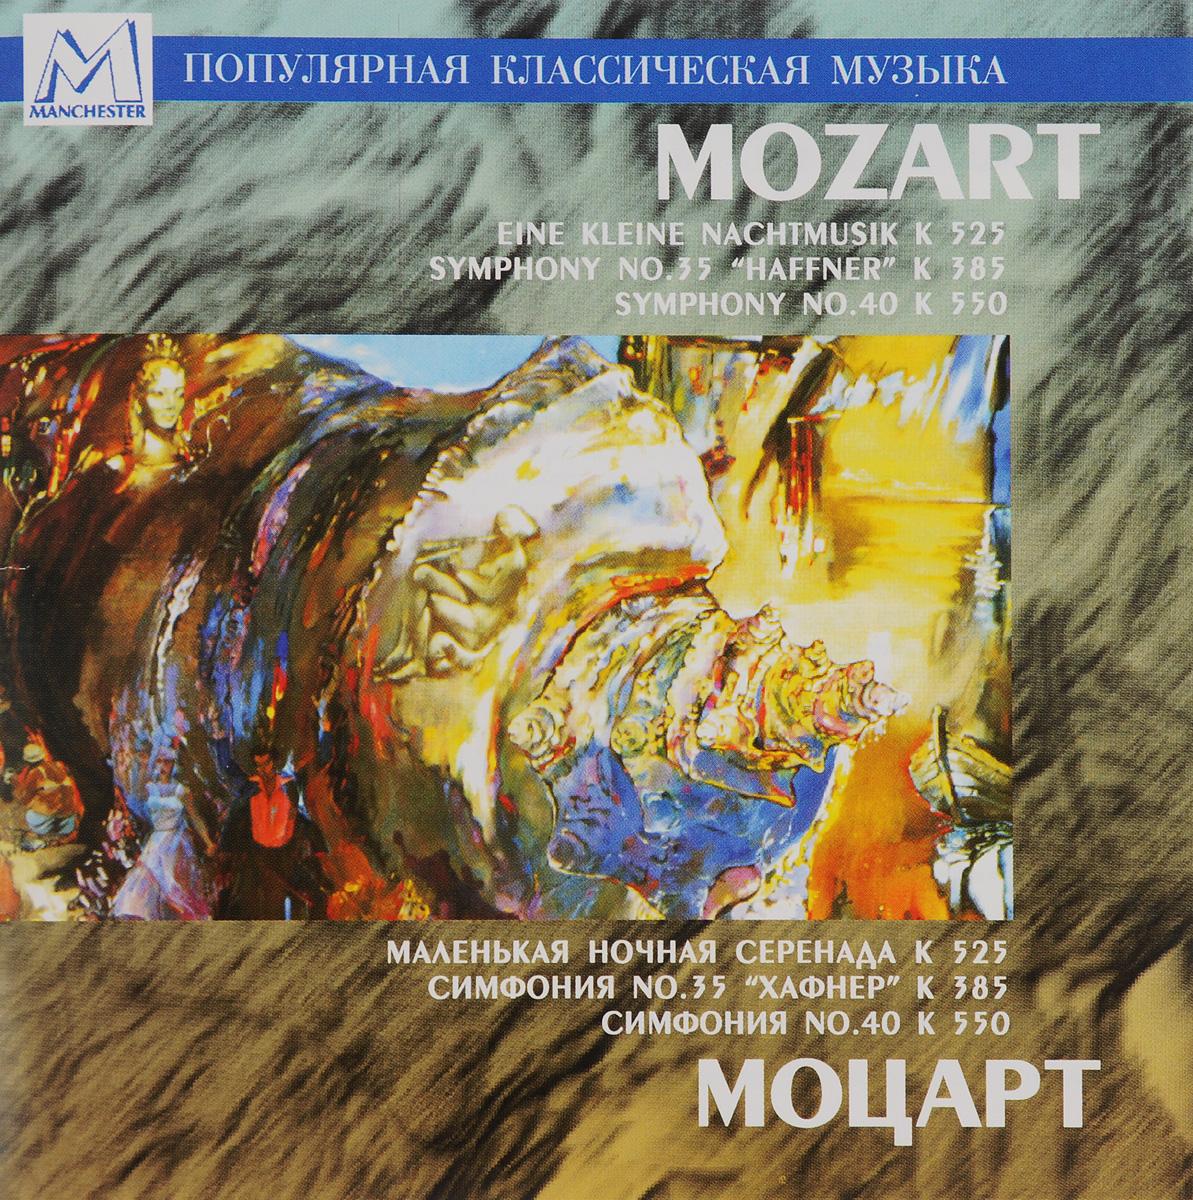 Моцарт. Маленькая ночная серенада, К 525. Симфония №35